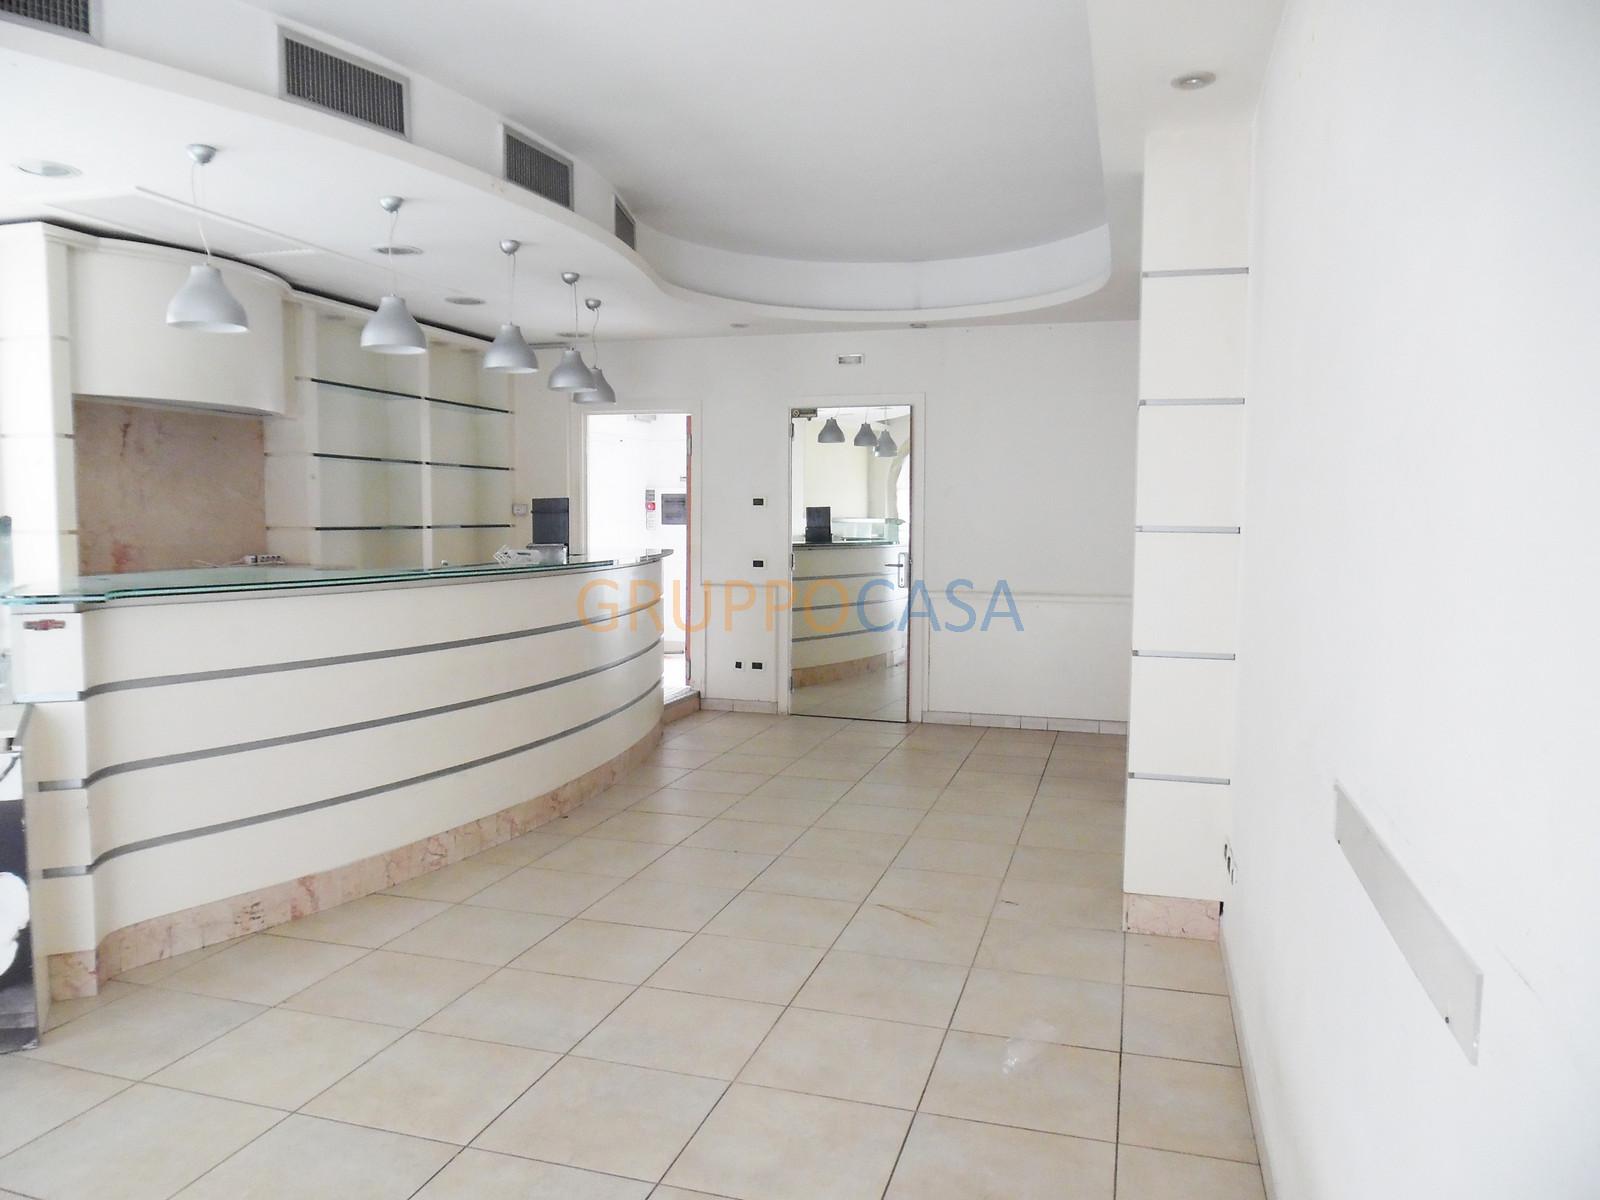 Negozio / Locale in affitto a Altopascio, 9999 locali, zona Località: Centro, prezzo € 700 | Cambio Casa.it